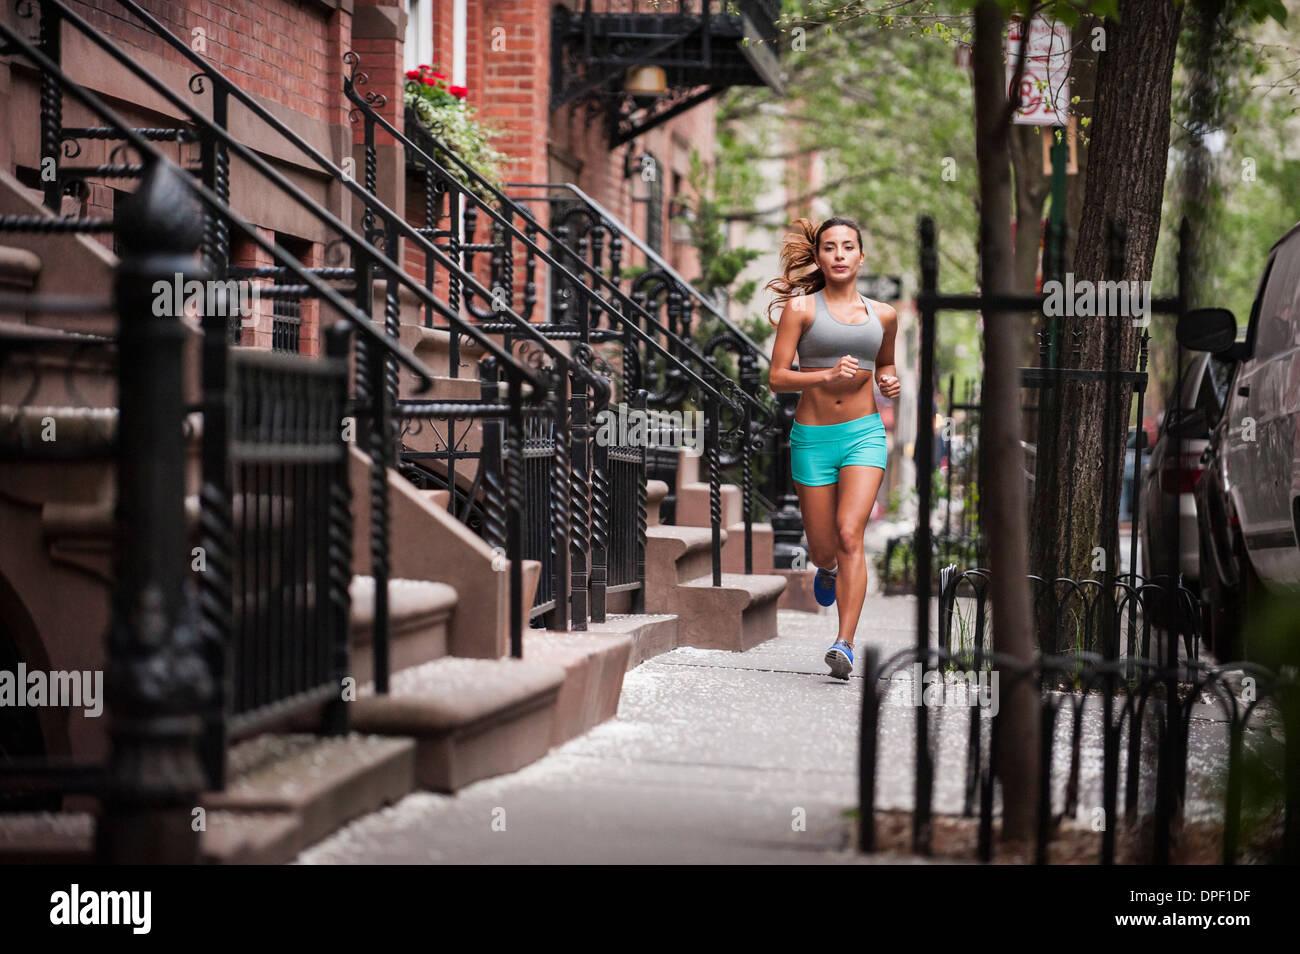 Donna jogging sul marciapiede Immagini Stock